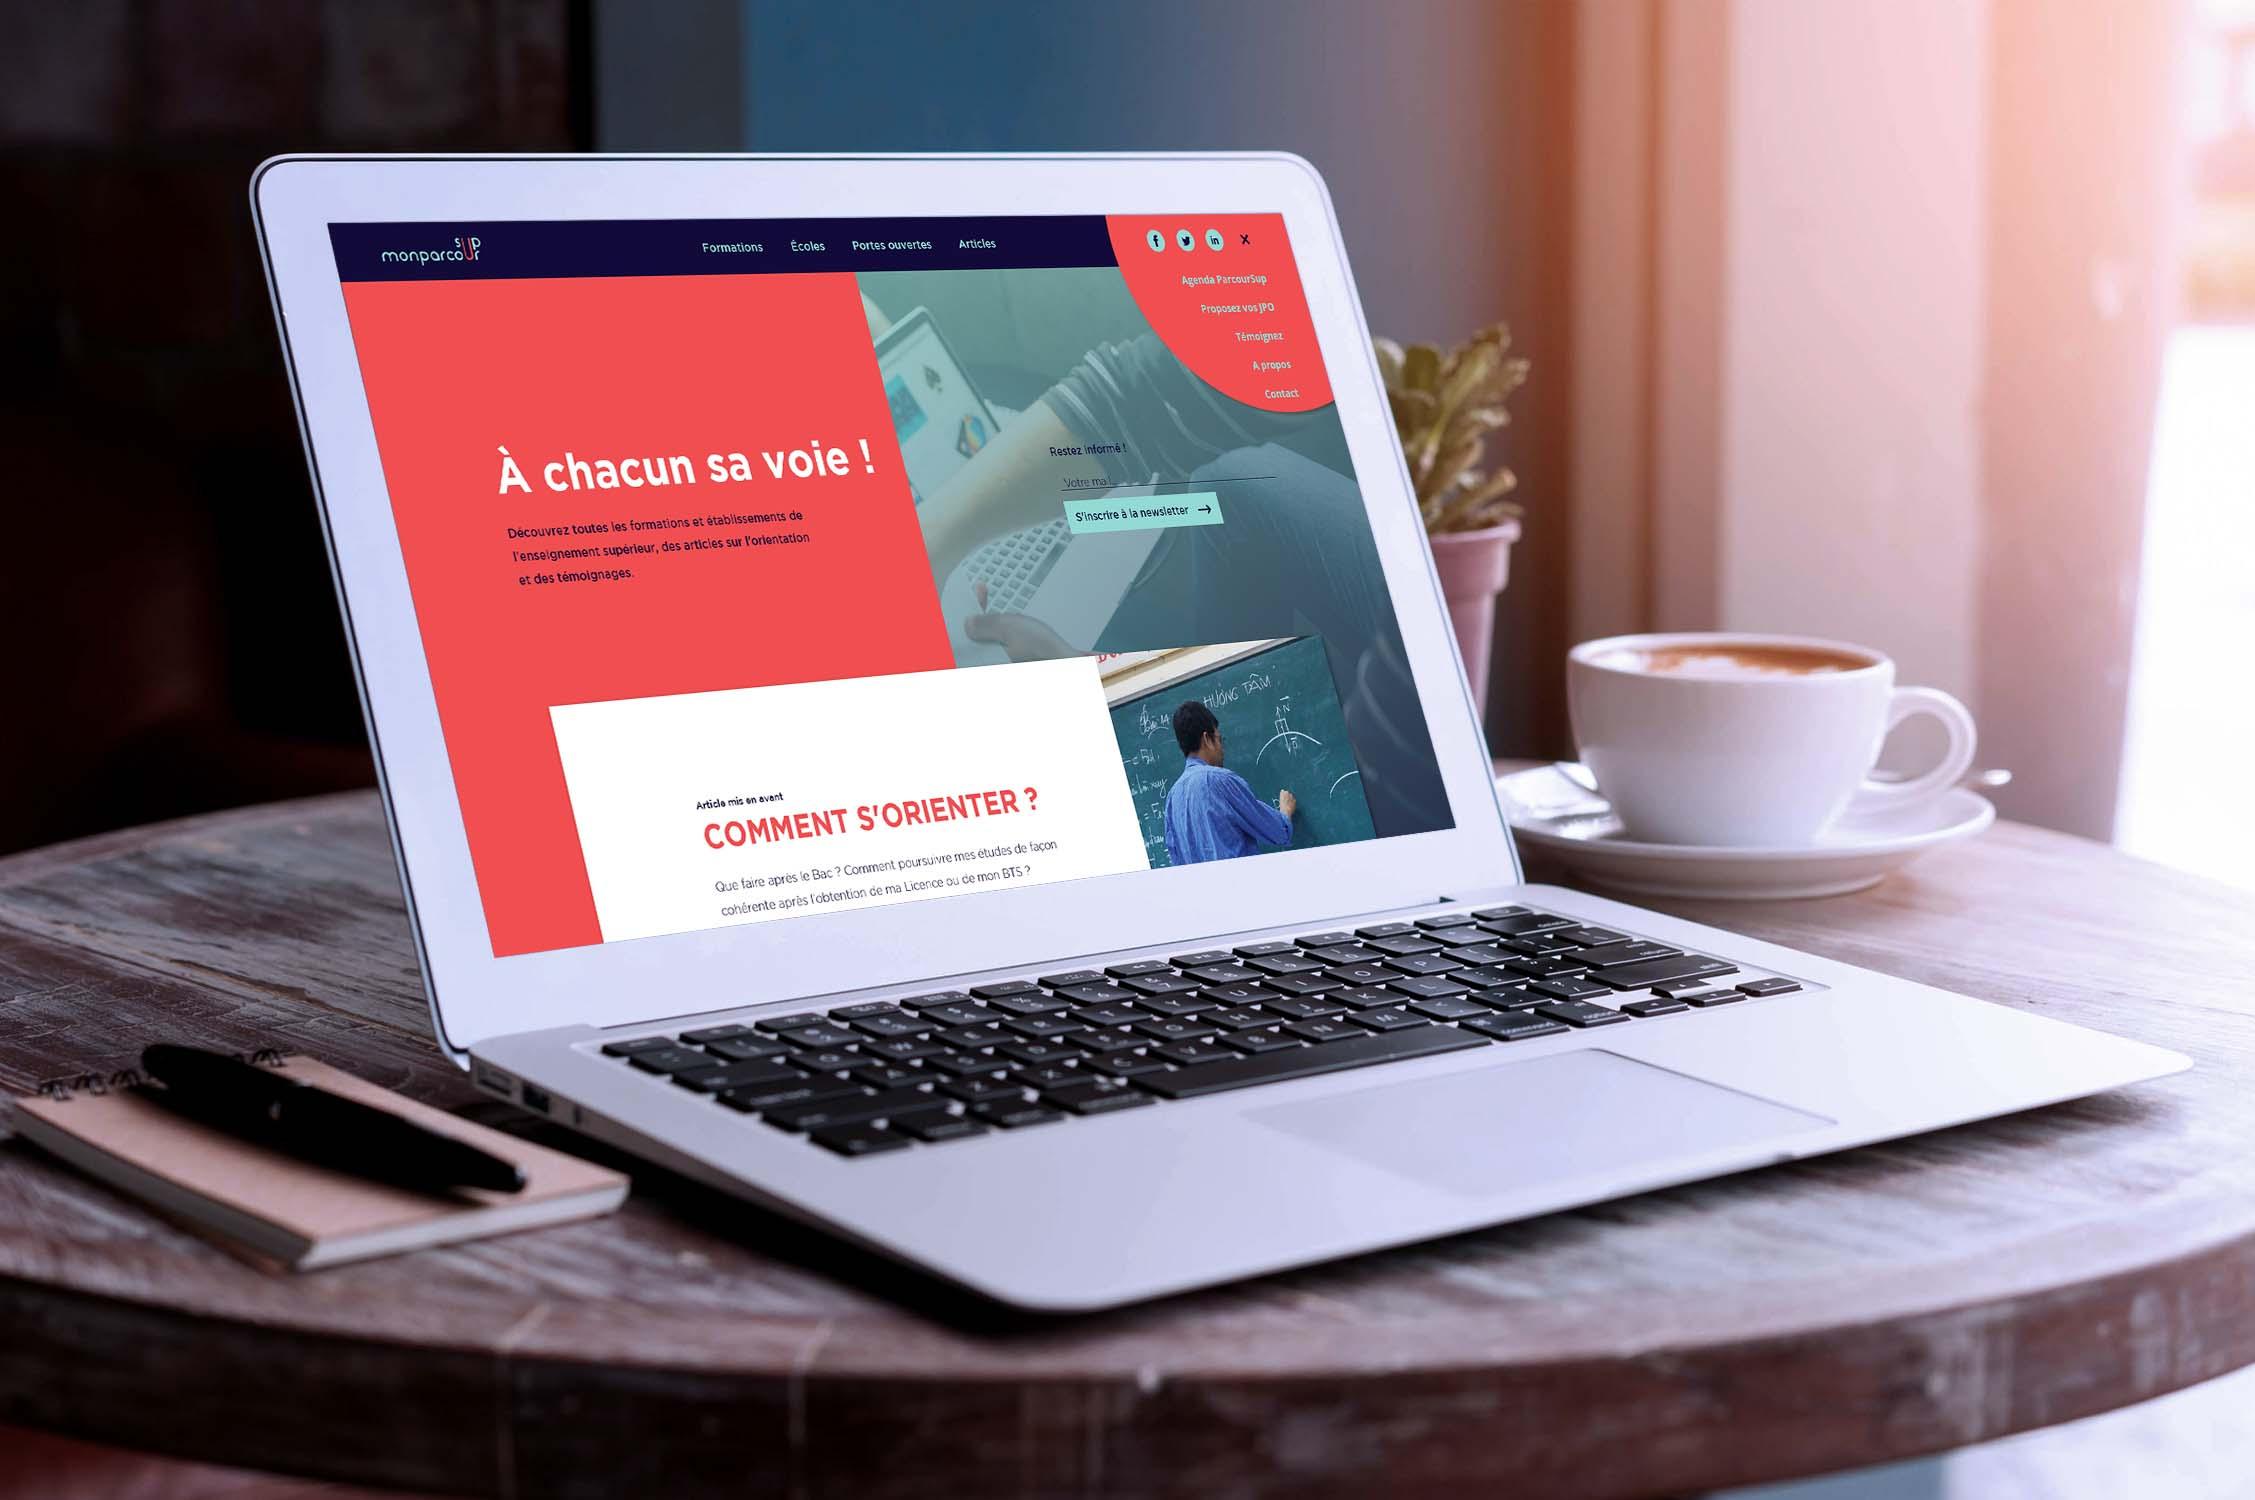 Conception et développement du site internet de monparcoursup